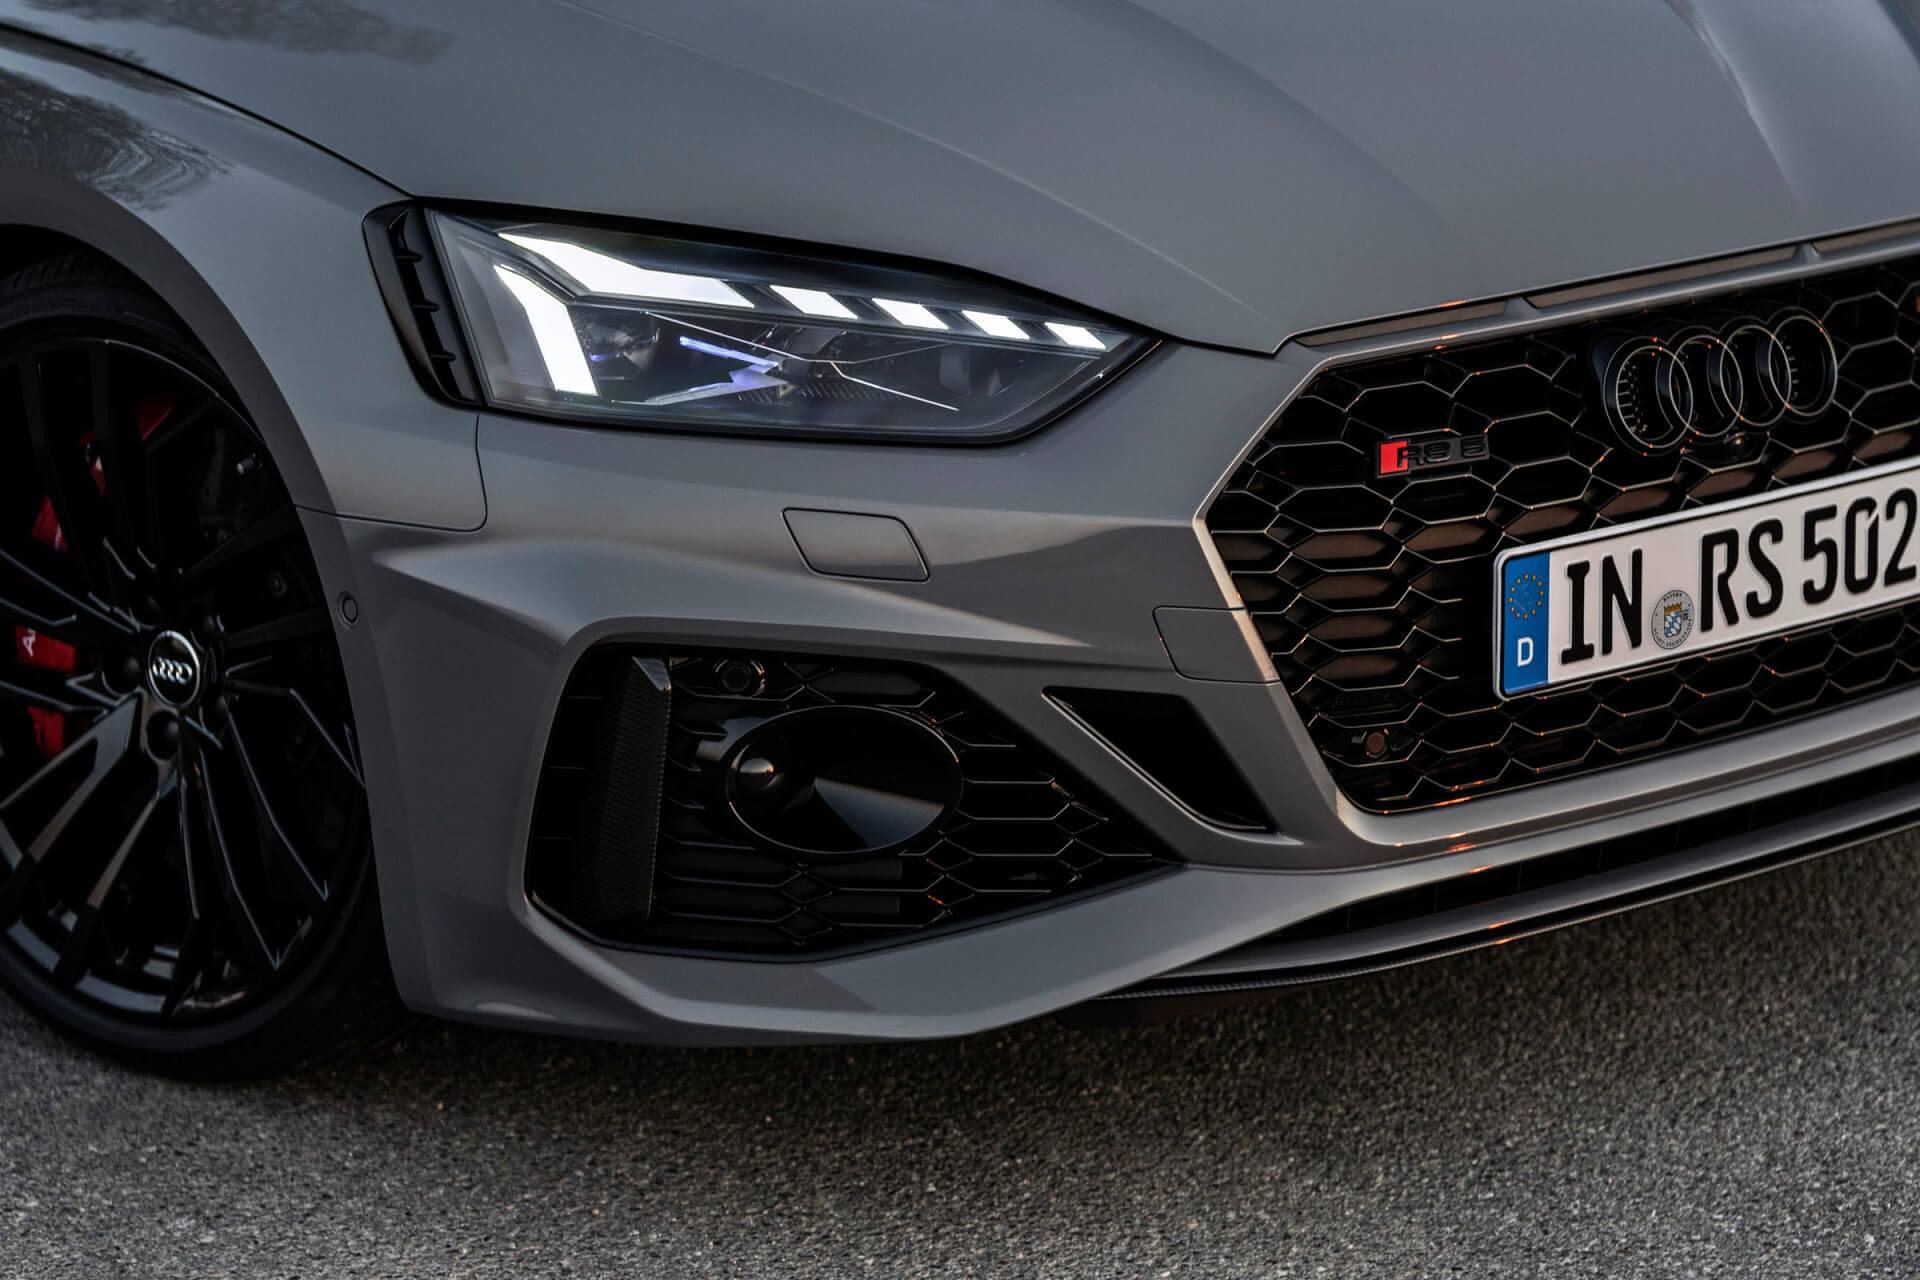 Νέο Audi RS 5 - Λεπτομέρεια εξωτερικού σχεδιασμού - Προβολείς Matrix LED